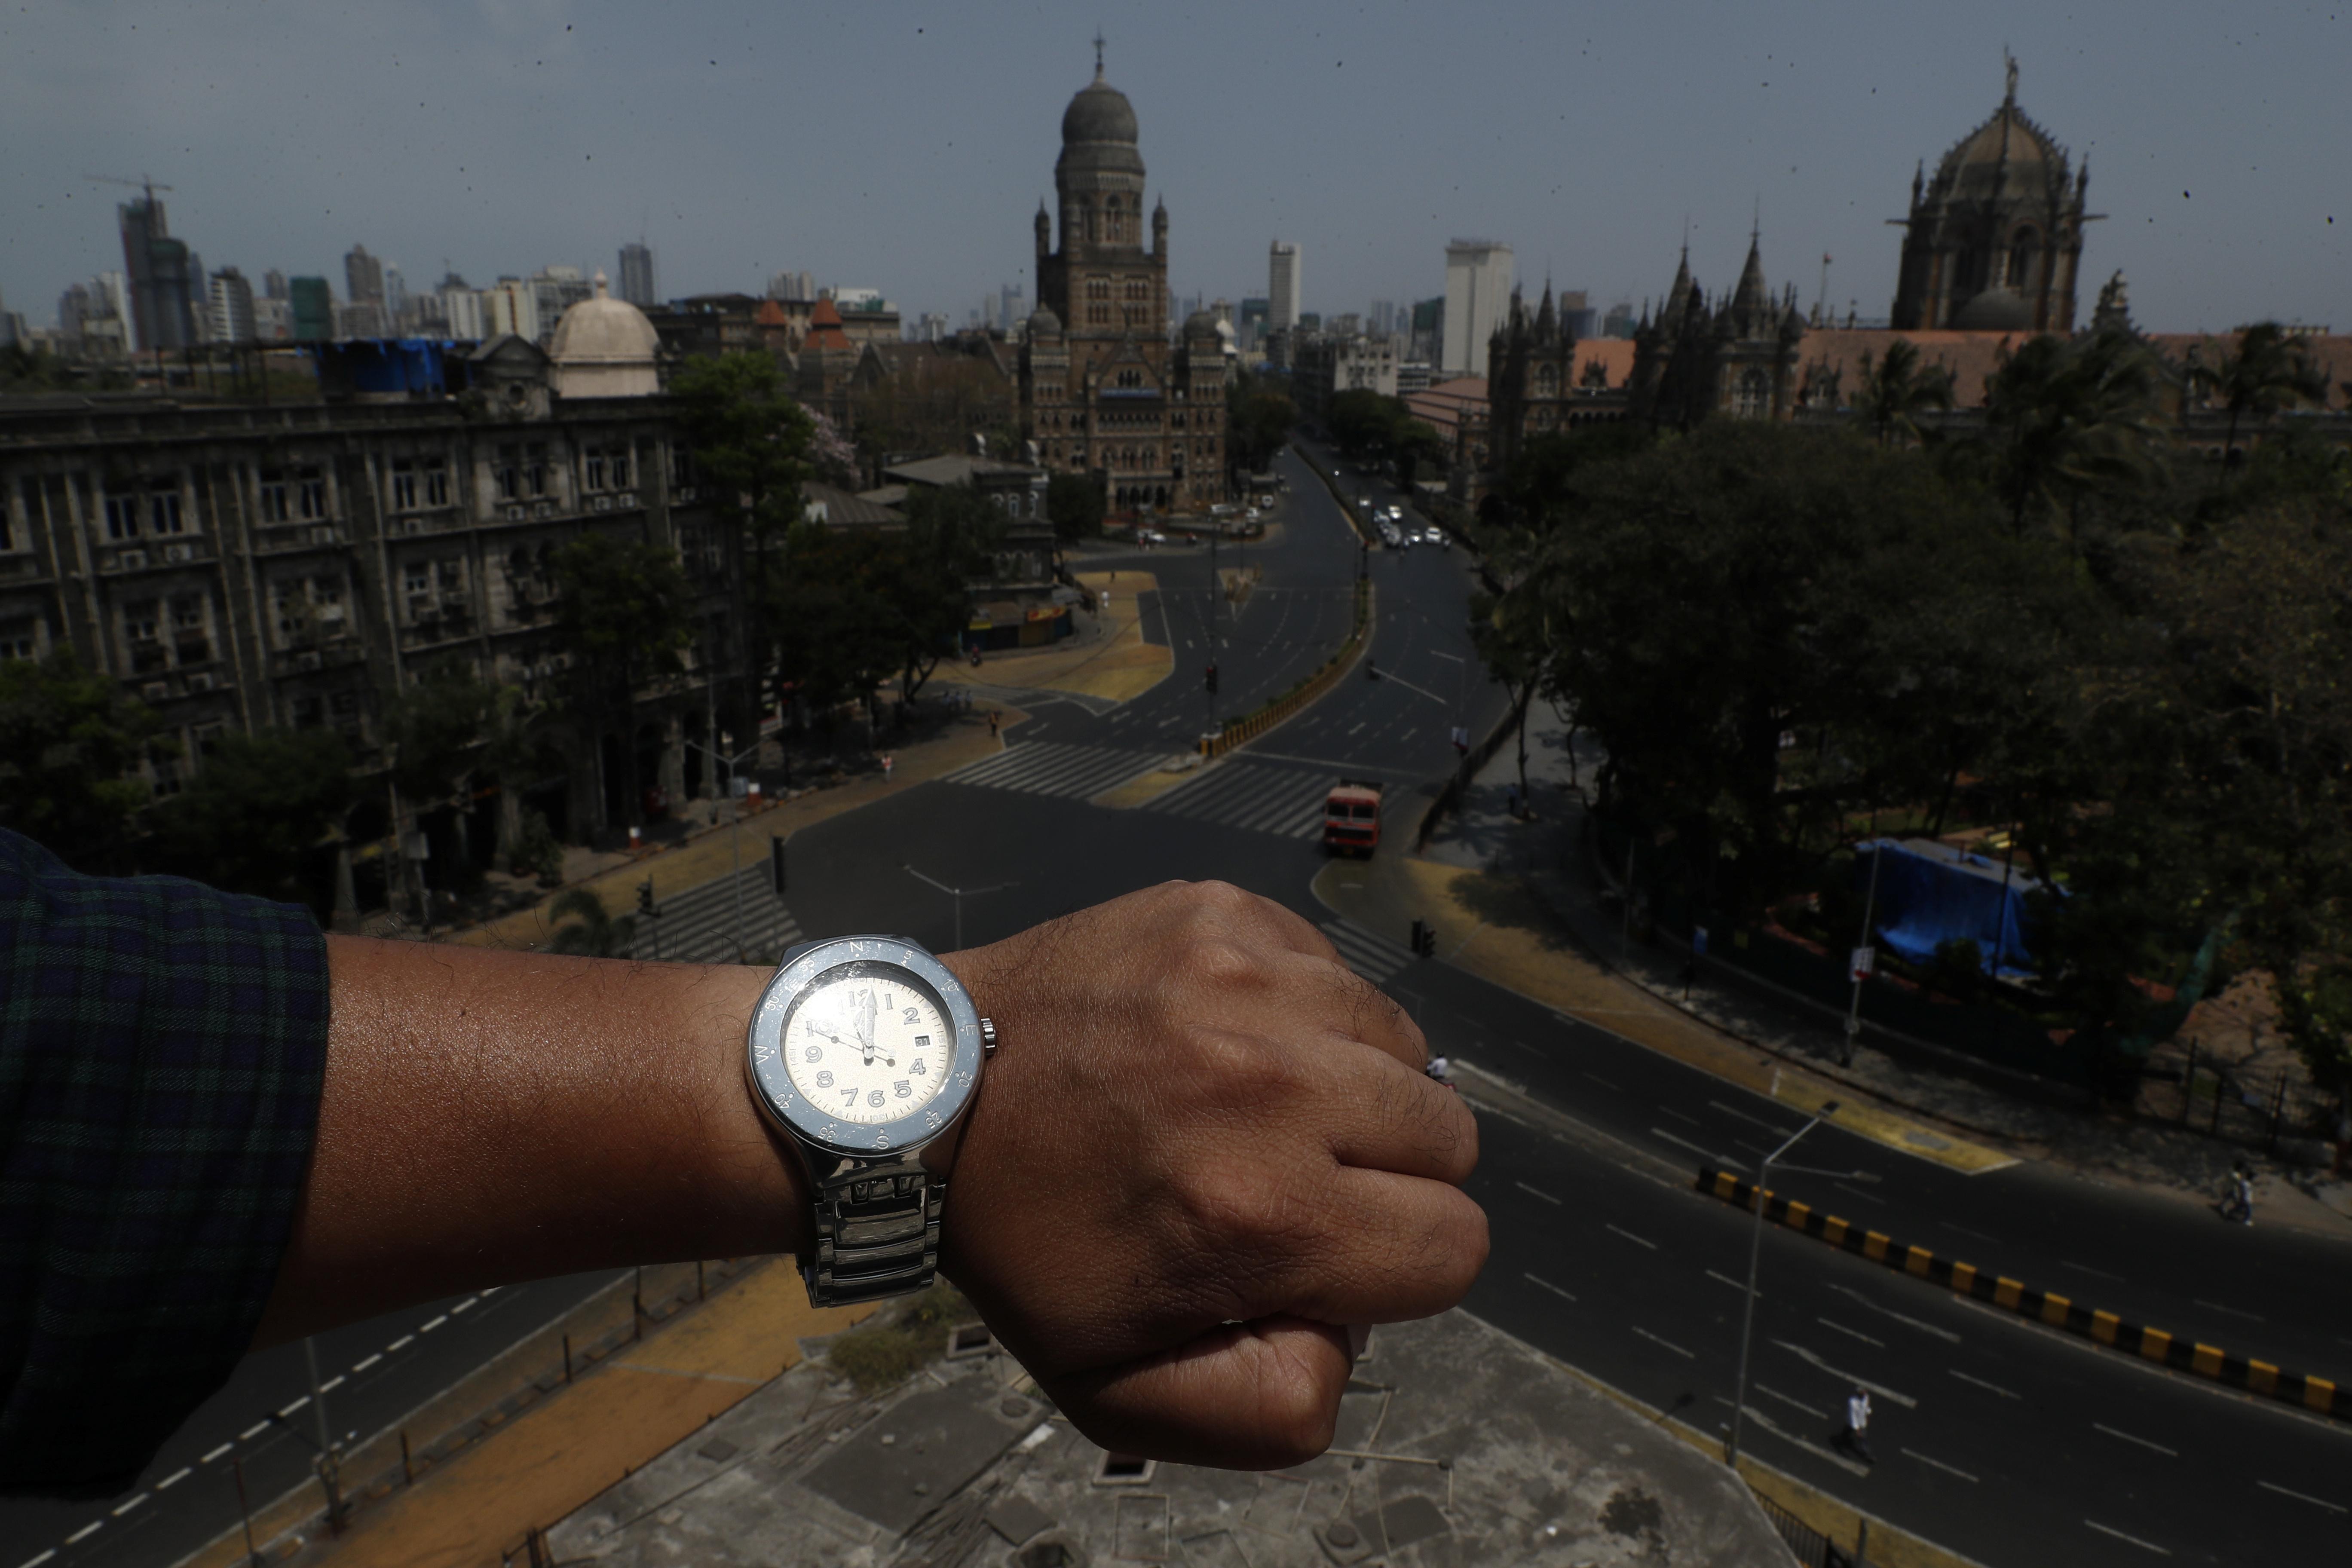 Un fotógrafo muestra en su reloj la hora pico, y la ciudad de Chhatrapati Shivaji Maharaj vacía (REUTERS/Francis Mascarenhas)